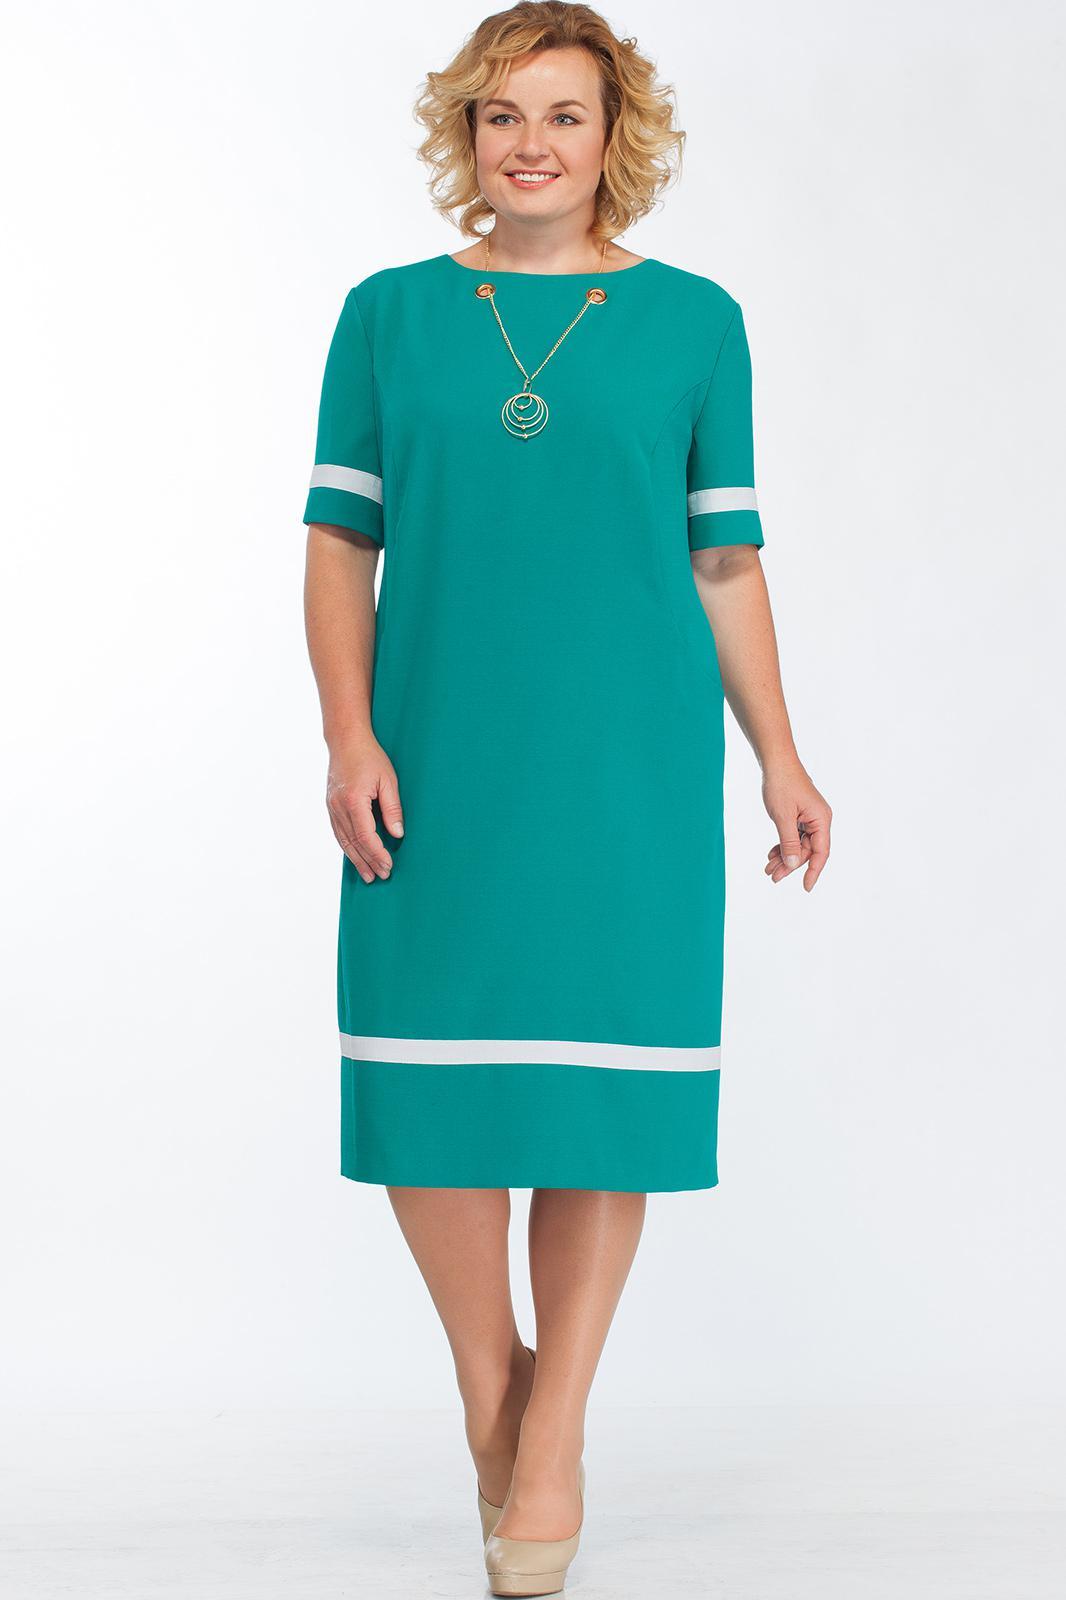 Купить Платье Bonna Image, 252 Бирюзовый, Беларусь